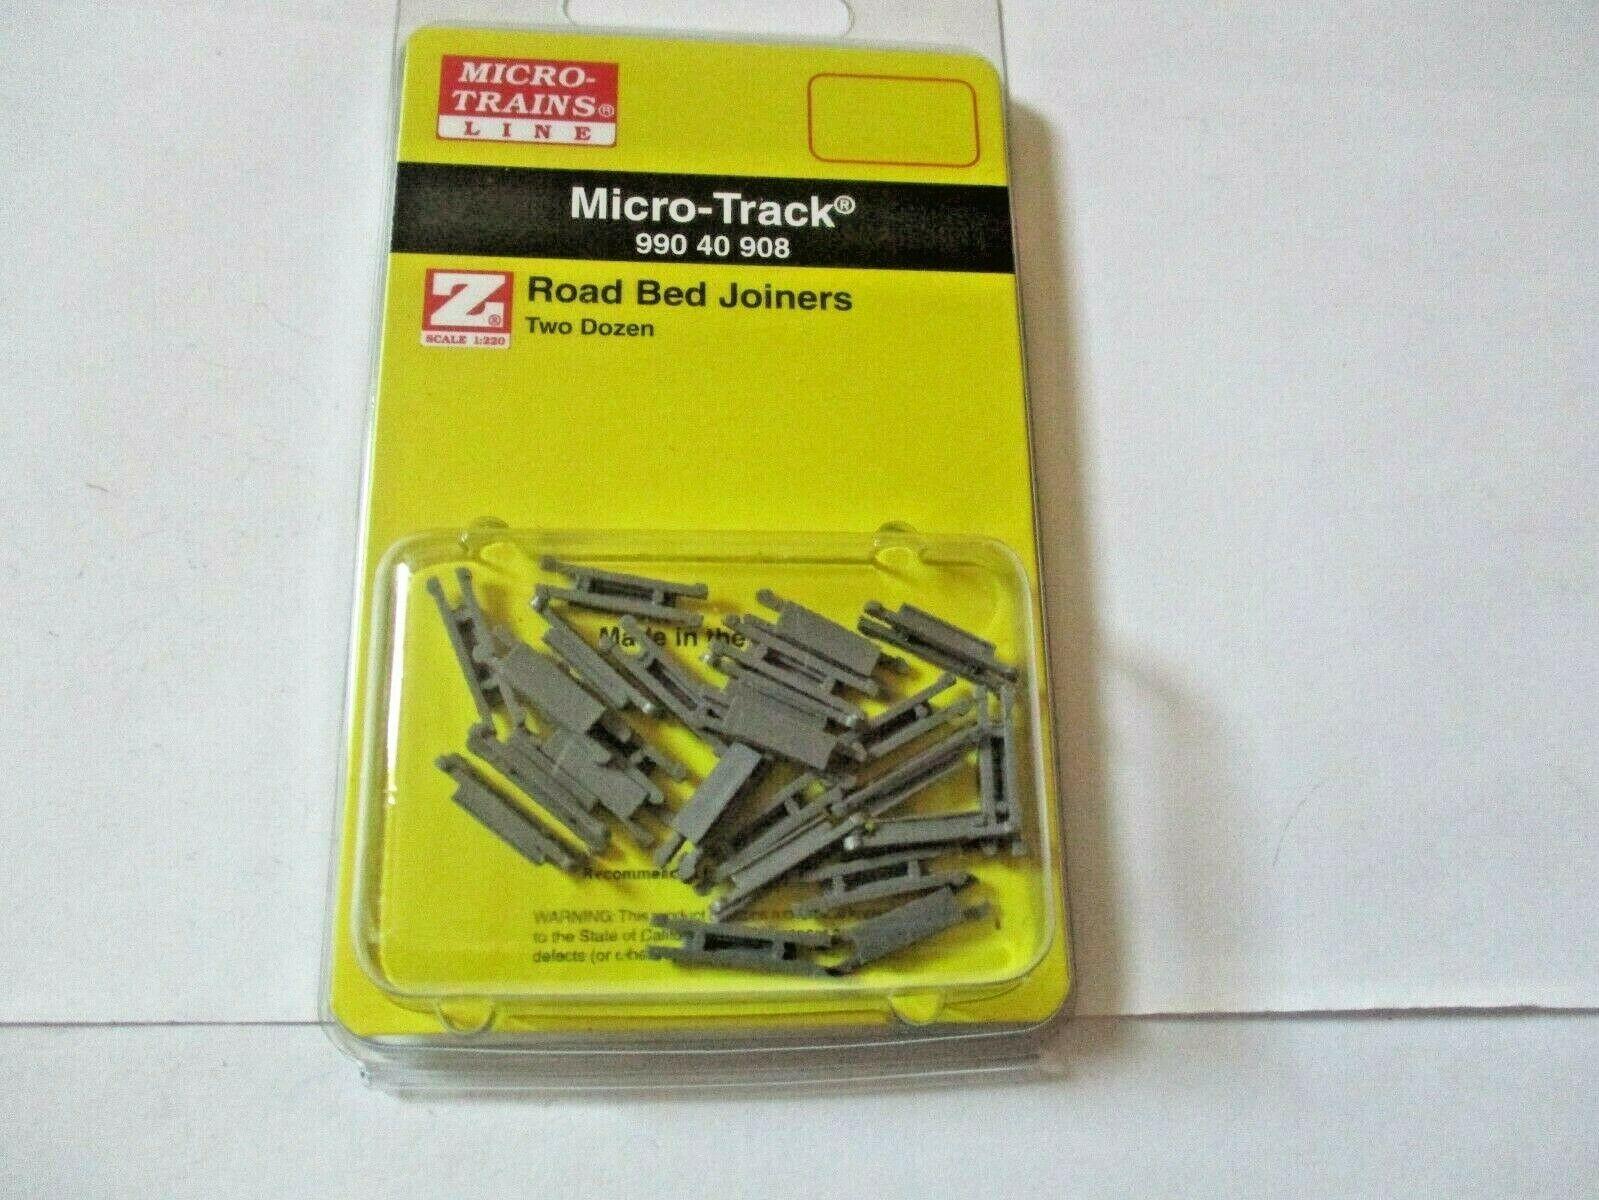 Micro-Trains Micro-Track #99040909 Rail Joiners Two Dozen Z-Scale